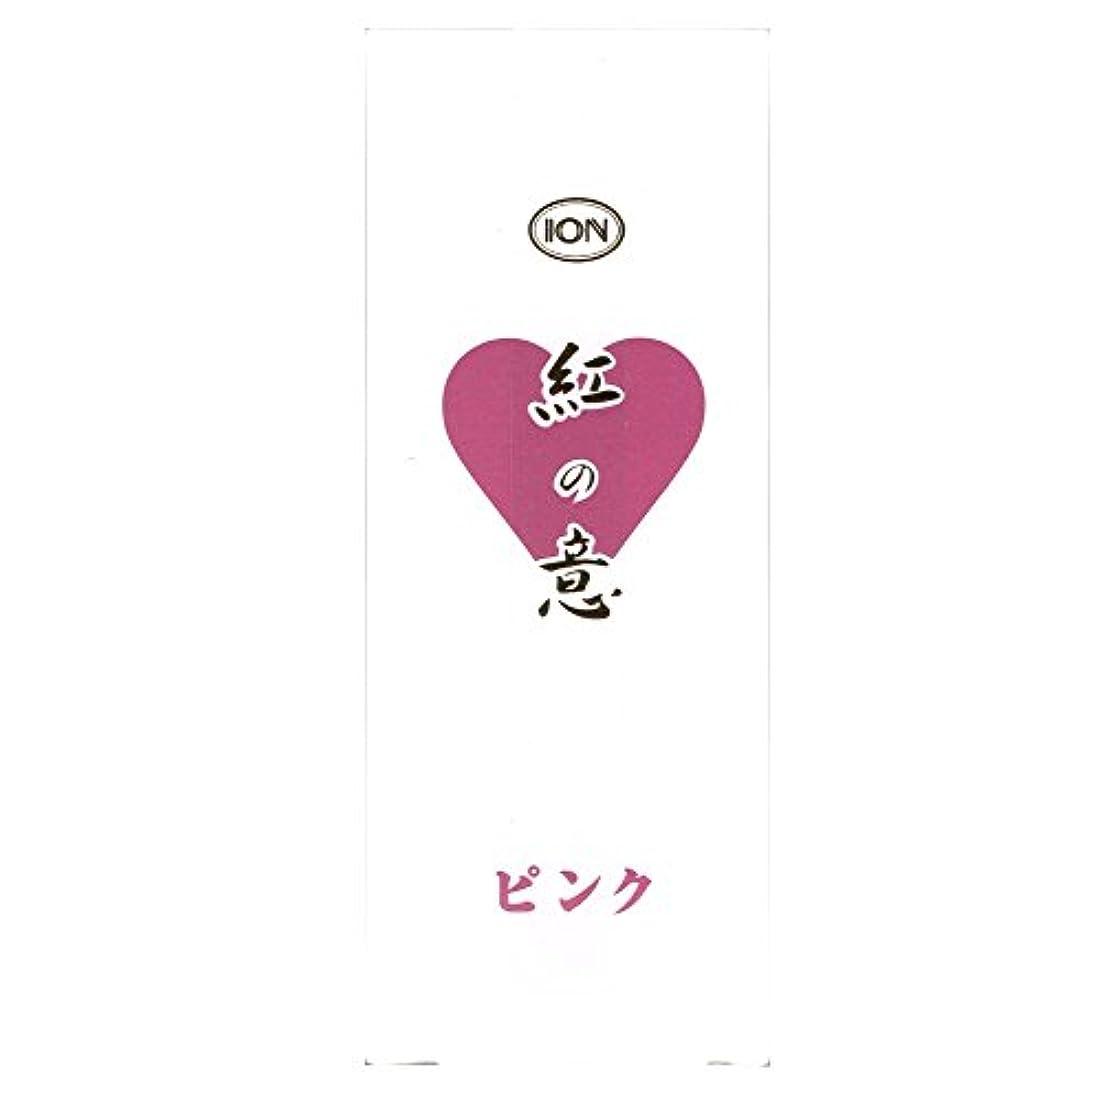 発明する砂の放課後イオン化粧品 イオンカラークリーム (ピンク)